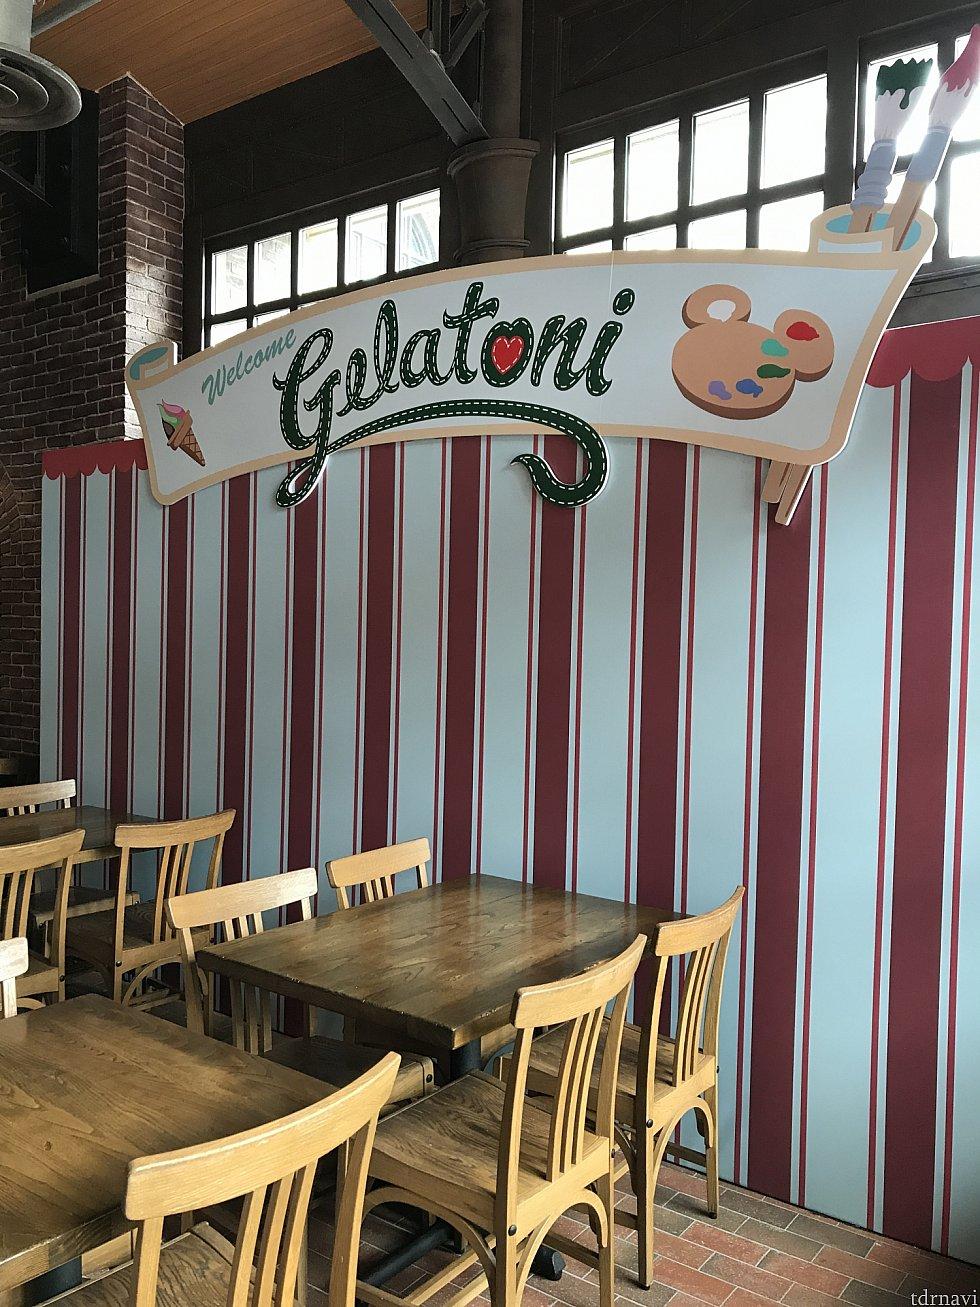 この日は、レストランの奥でジェラトーニの特別グリーティングが行われていたようです!